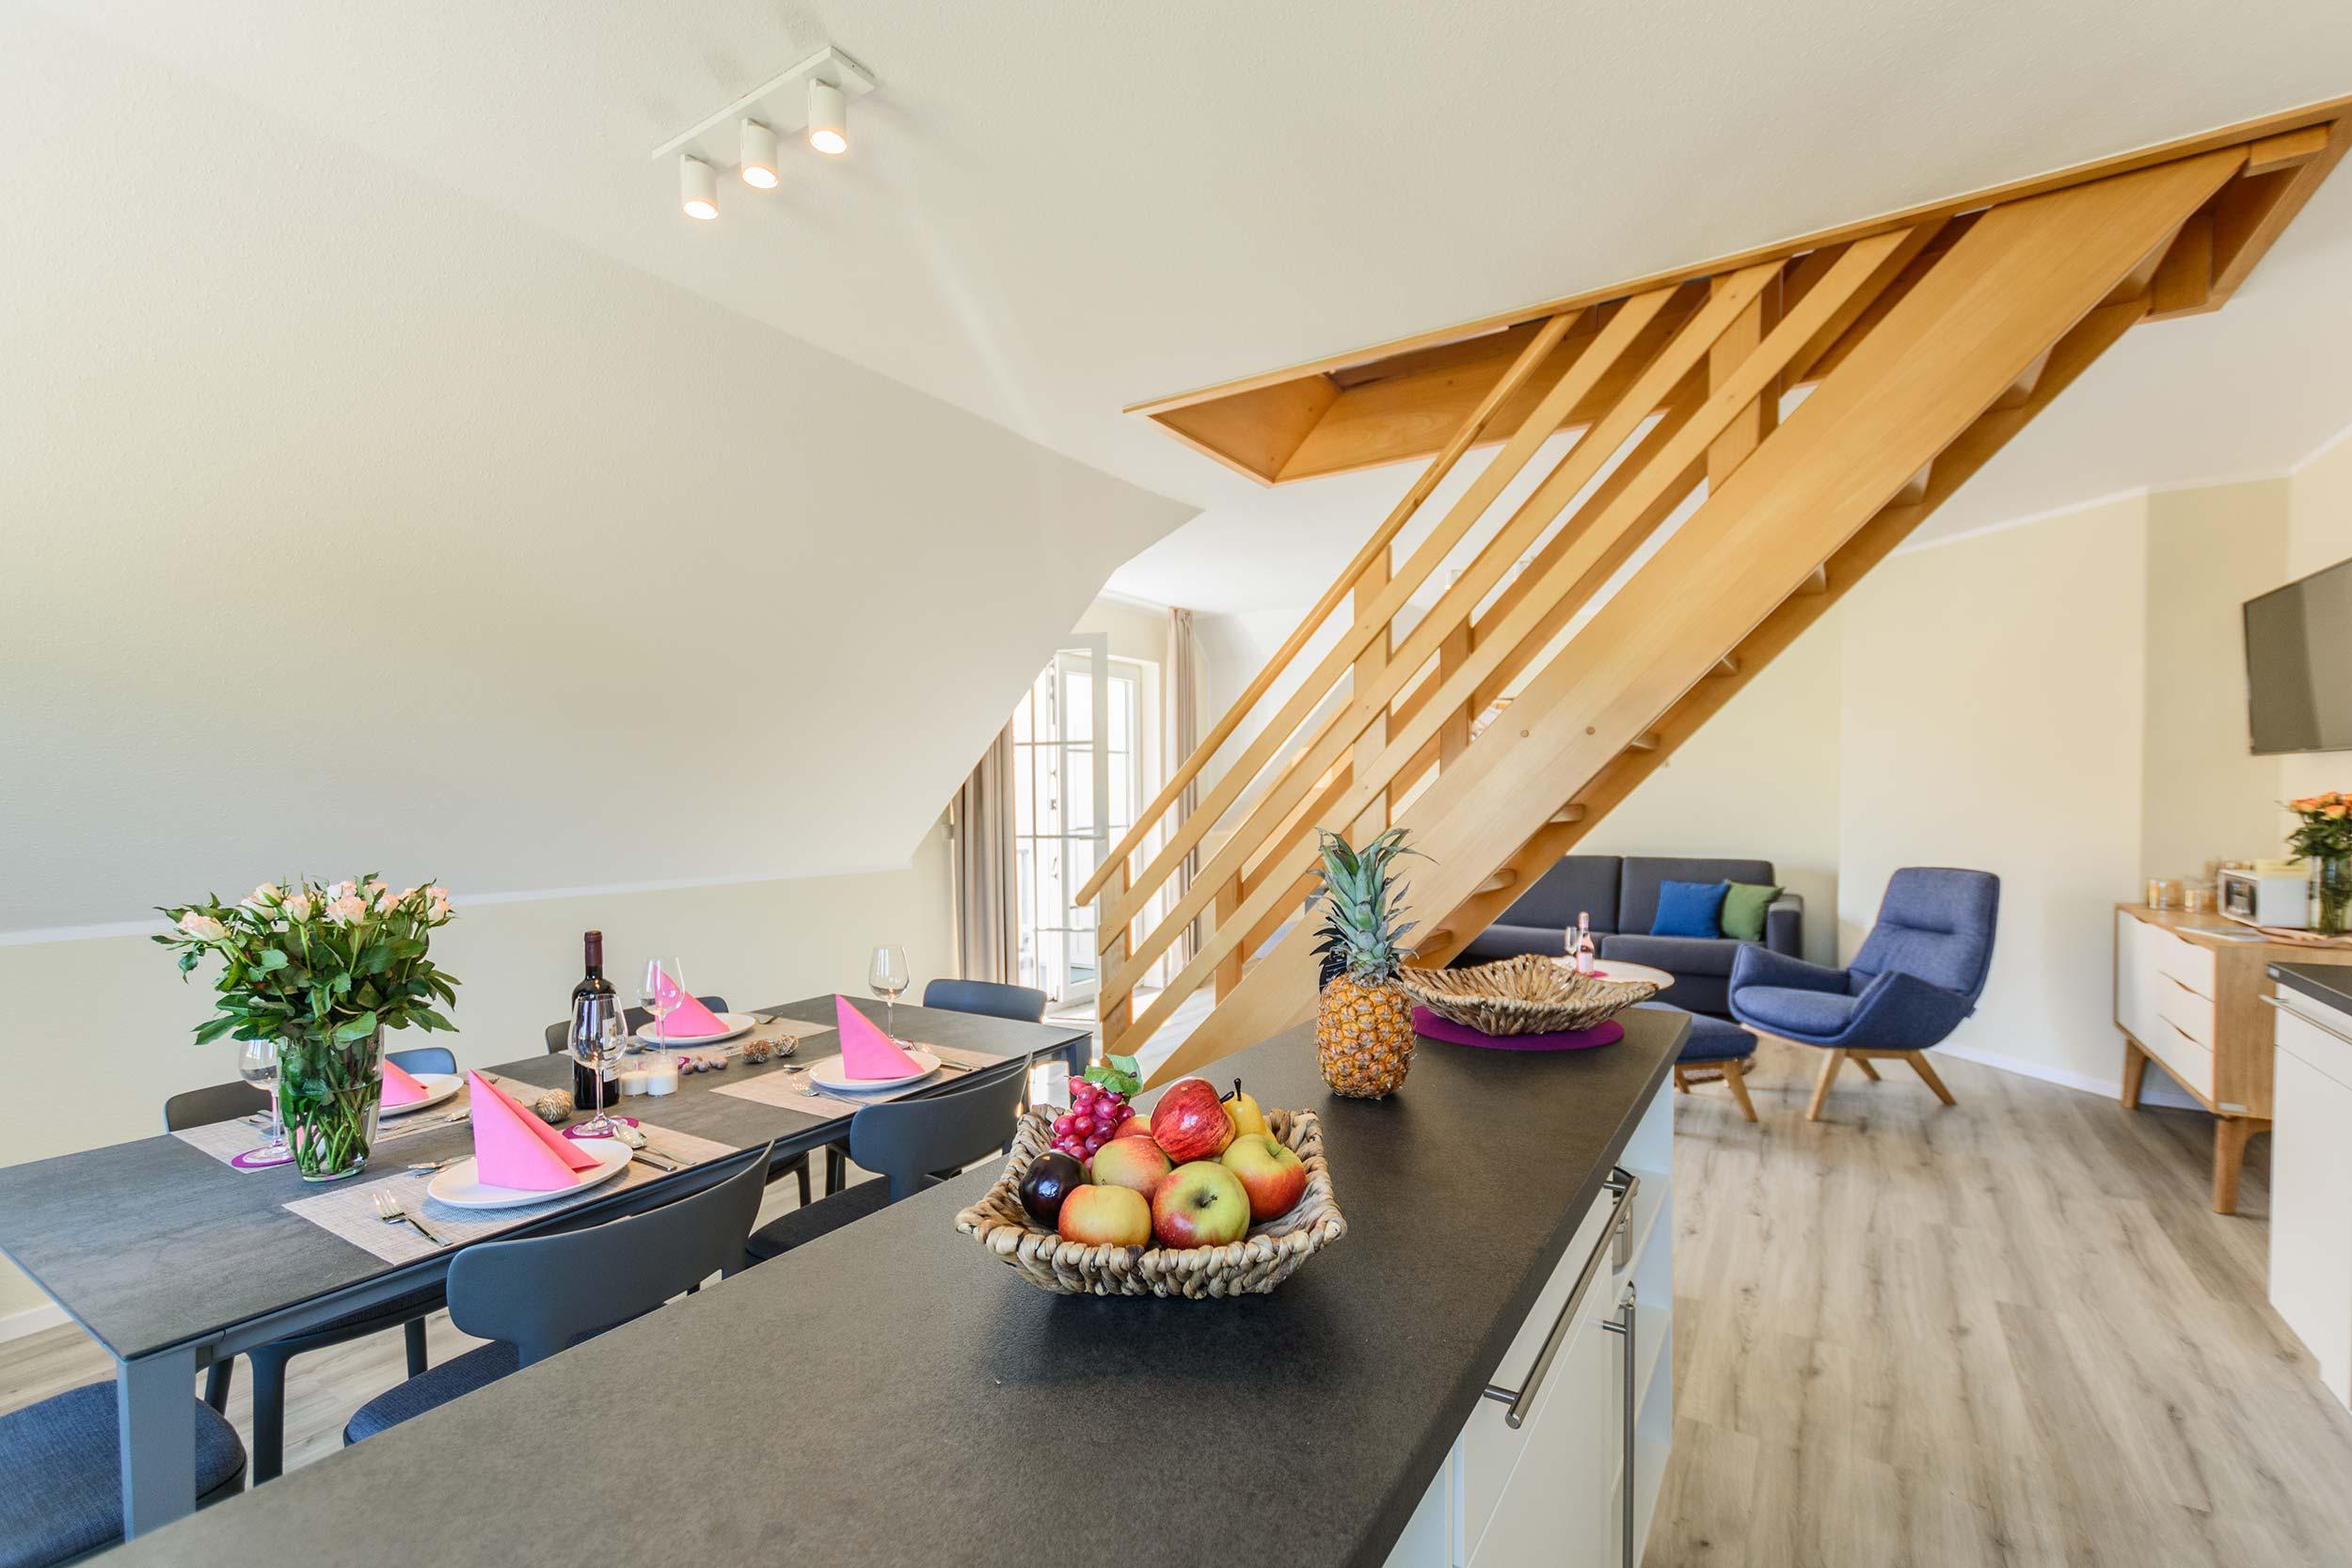 Wir dekorieren und fotografieren Ihre Ferienwohnung, Hotelzimmer, Immobilien und mehr...